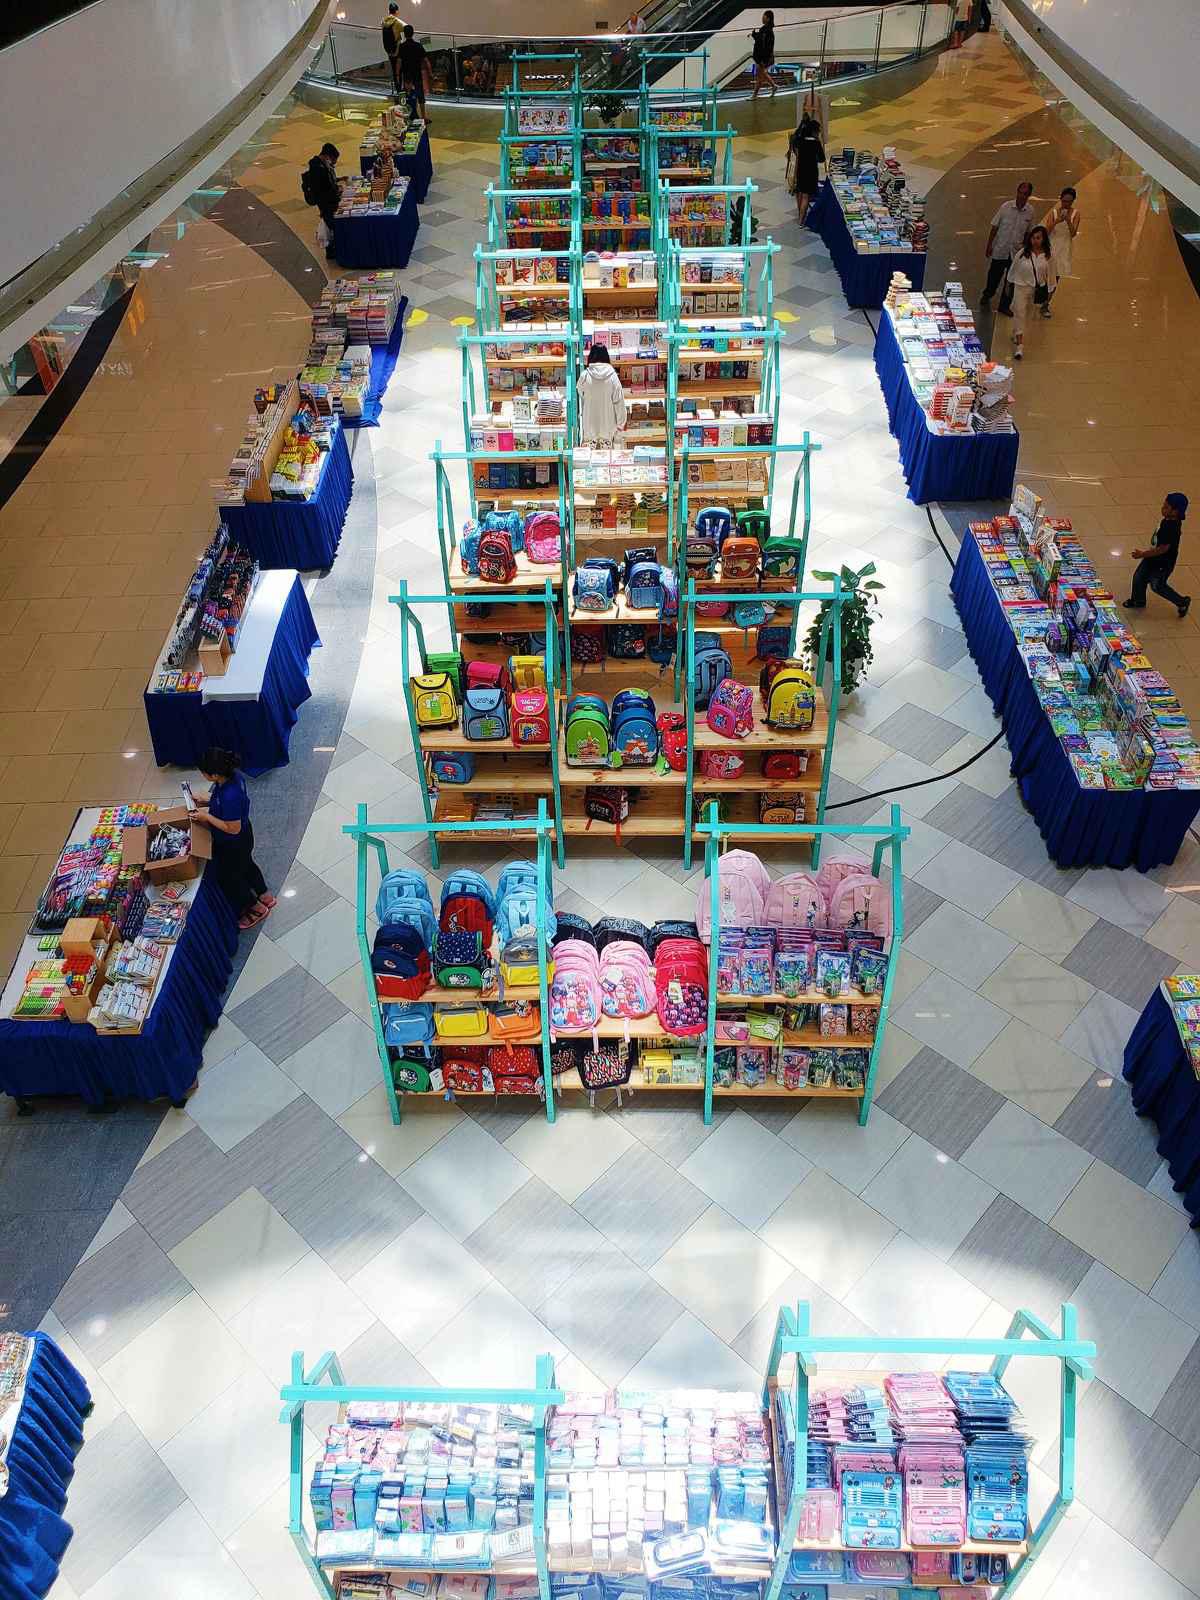 Cùng Vạn Hạnh Mall chào hè rực rỡ với loạt chương trình ưu đãi hấp dẫn - Ảnh 1.